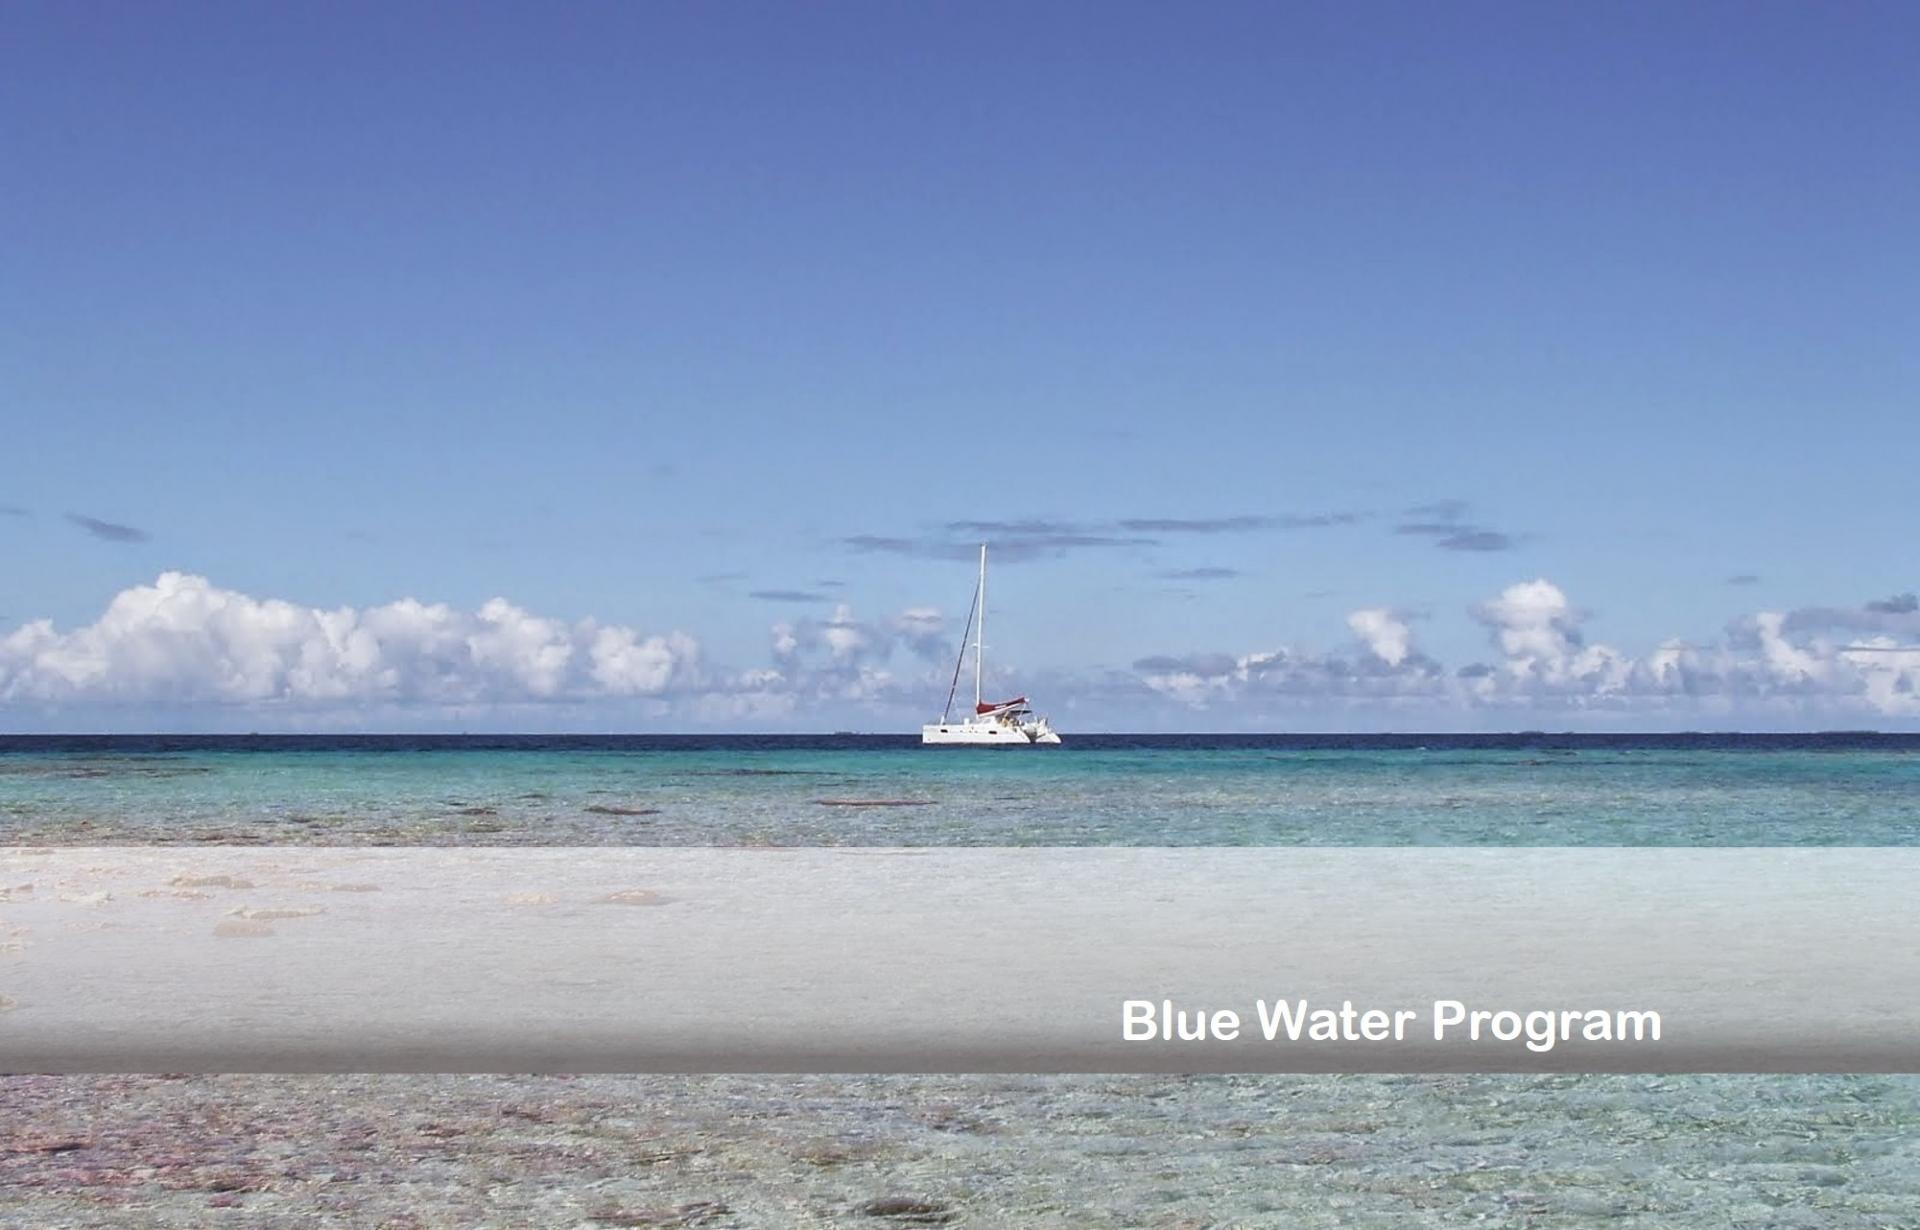 Blue Water Program